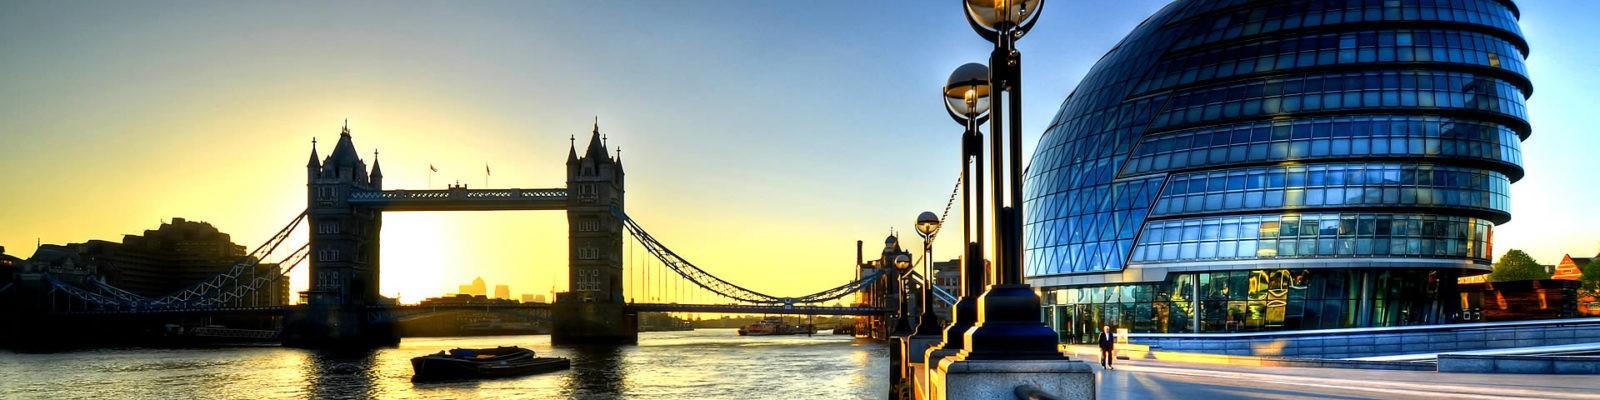 Необычные смотровые площадки Лондона